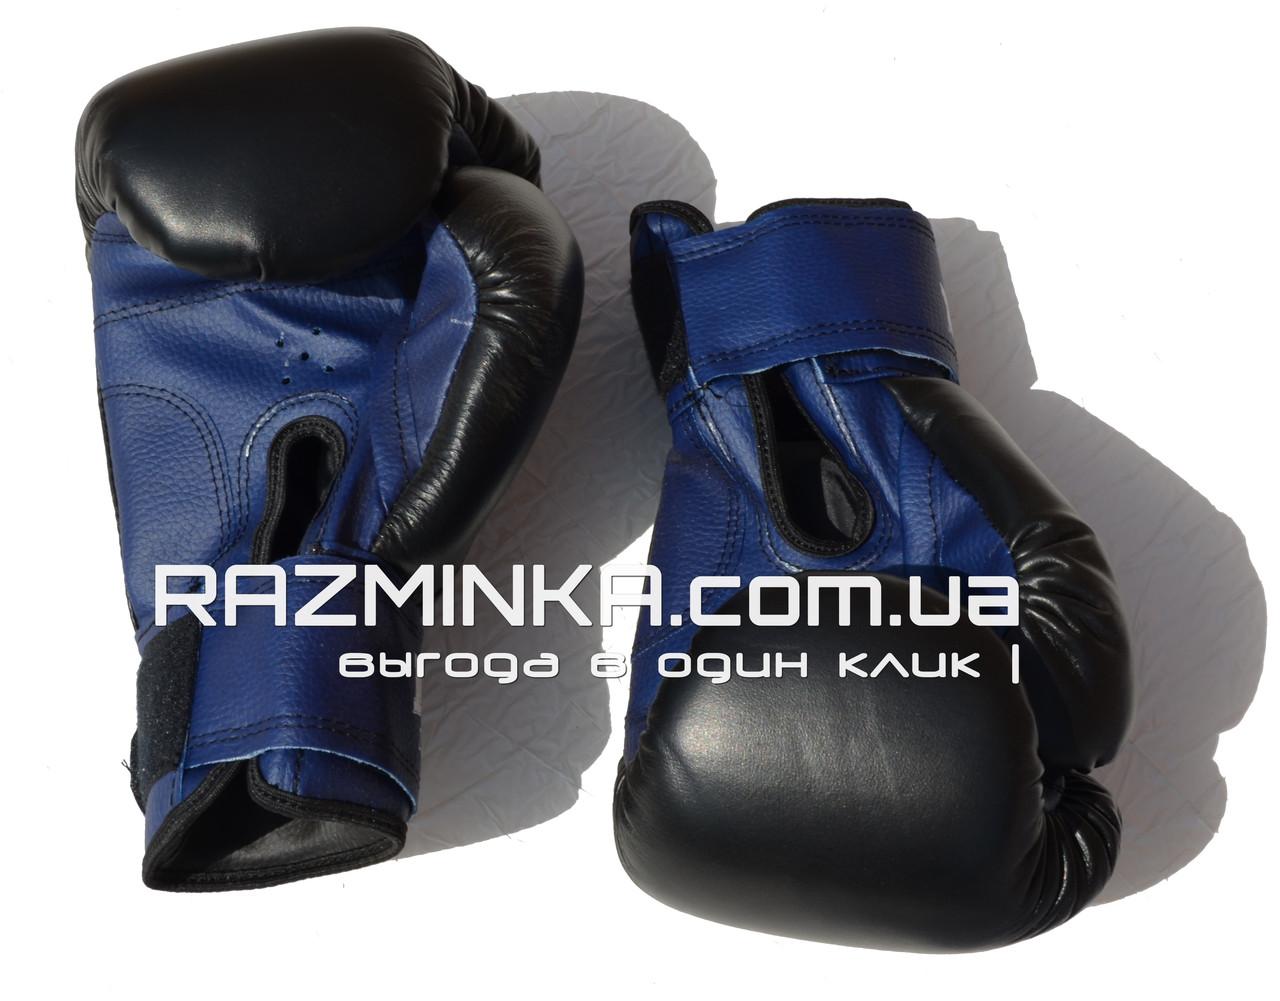 Боксерские перчатки 10 оz (комбинированные)